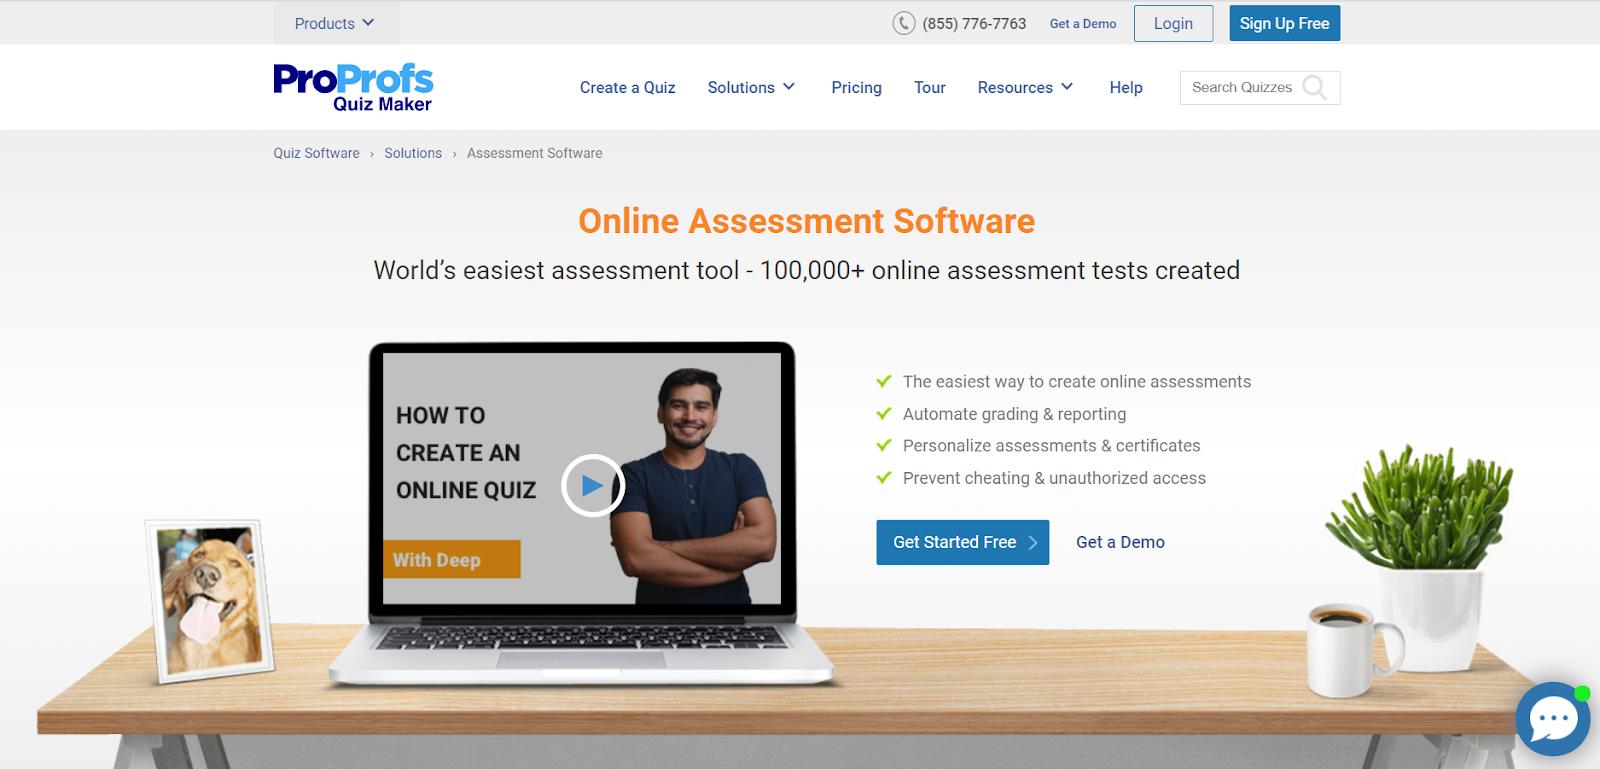 proprofs online assessment